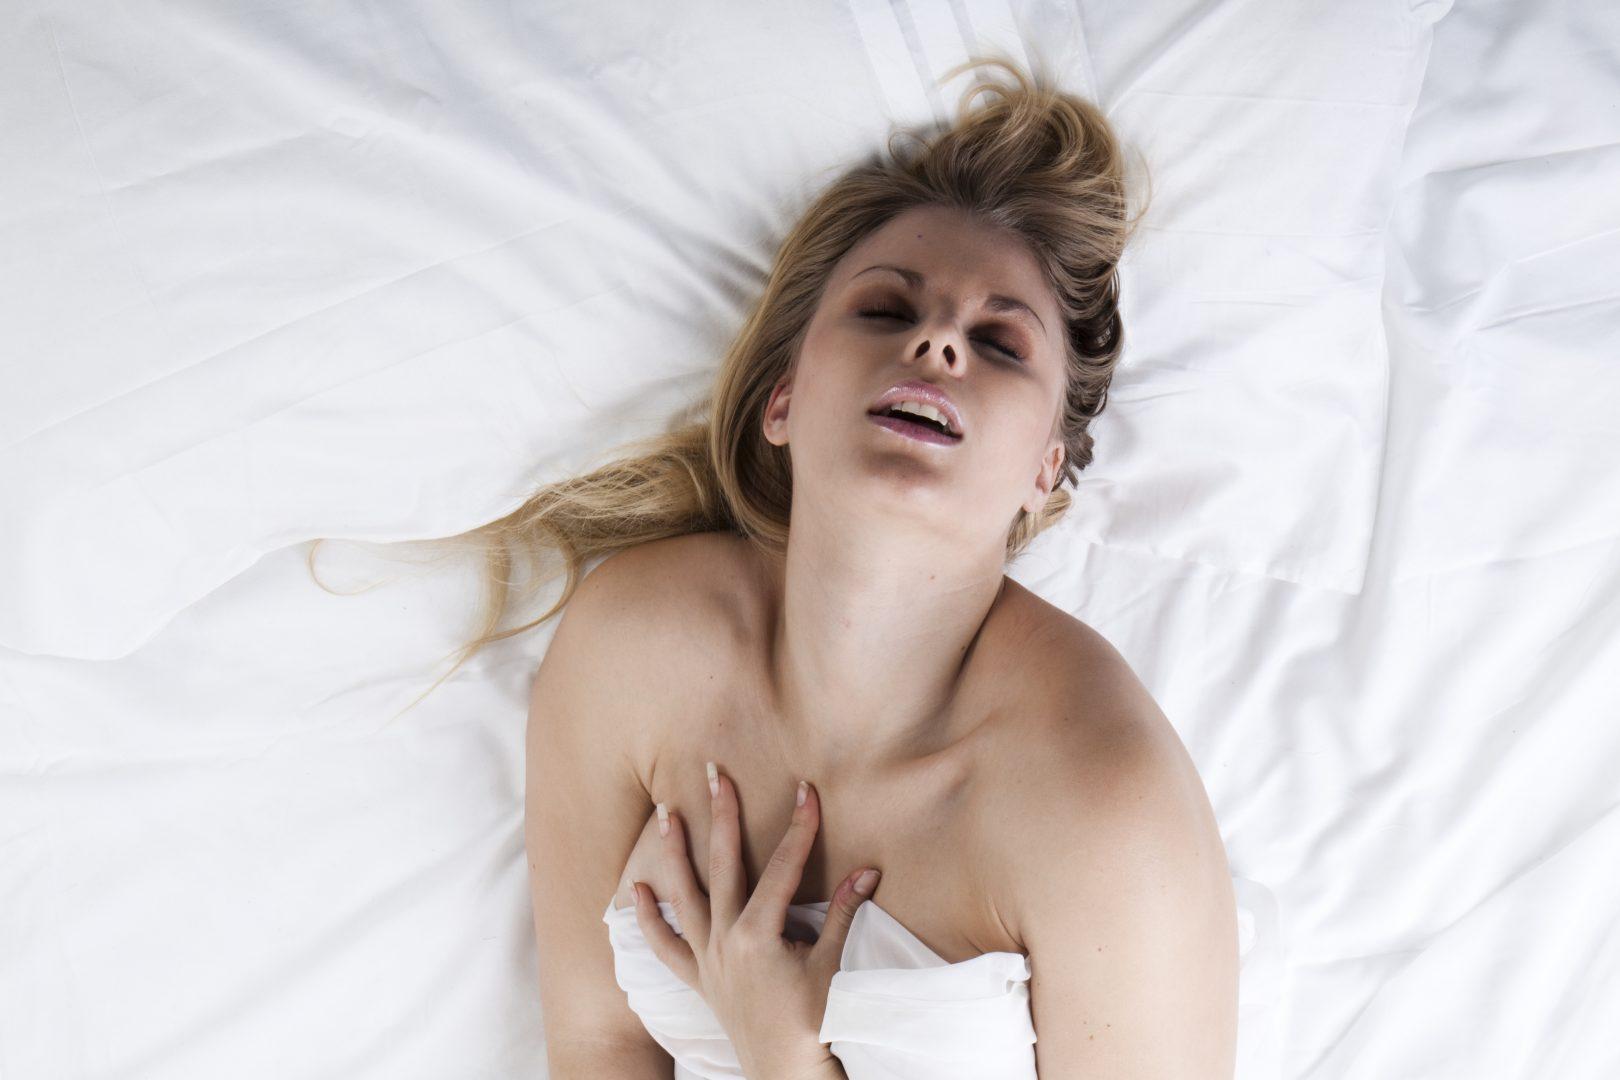 Zumio klitorisvibrator. Kvinne i seng